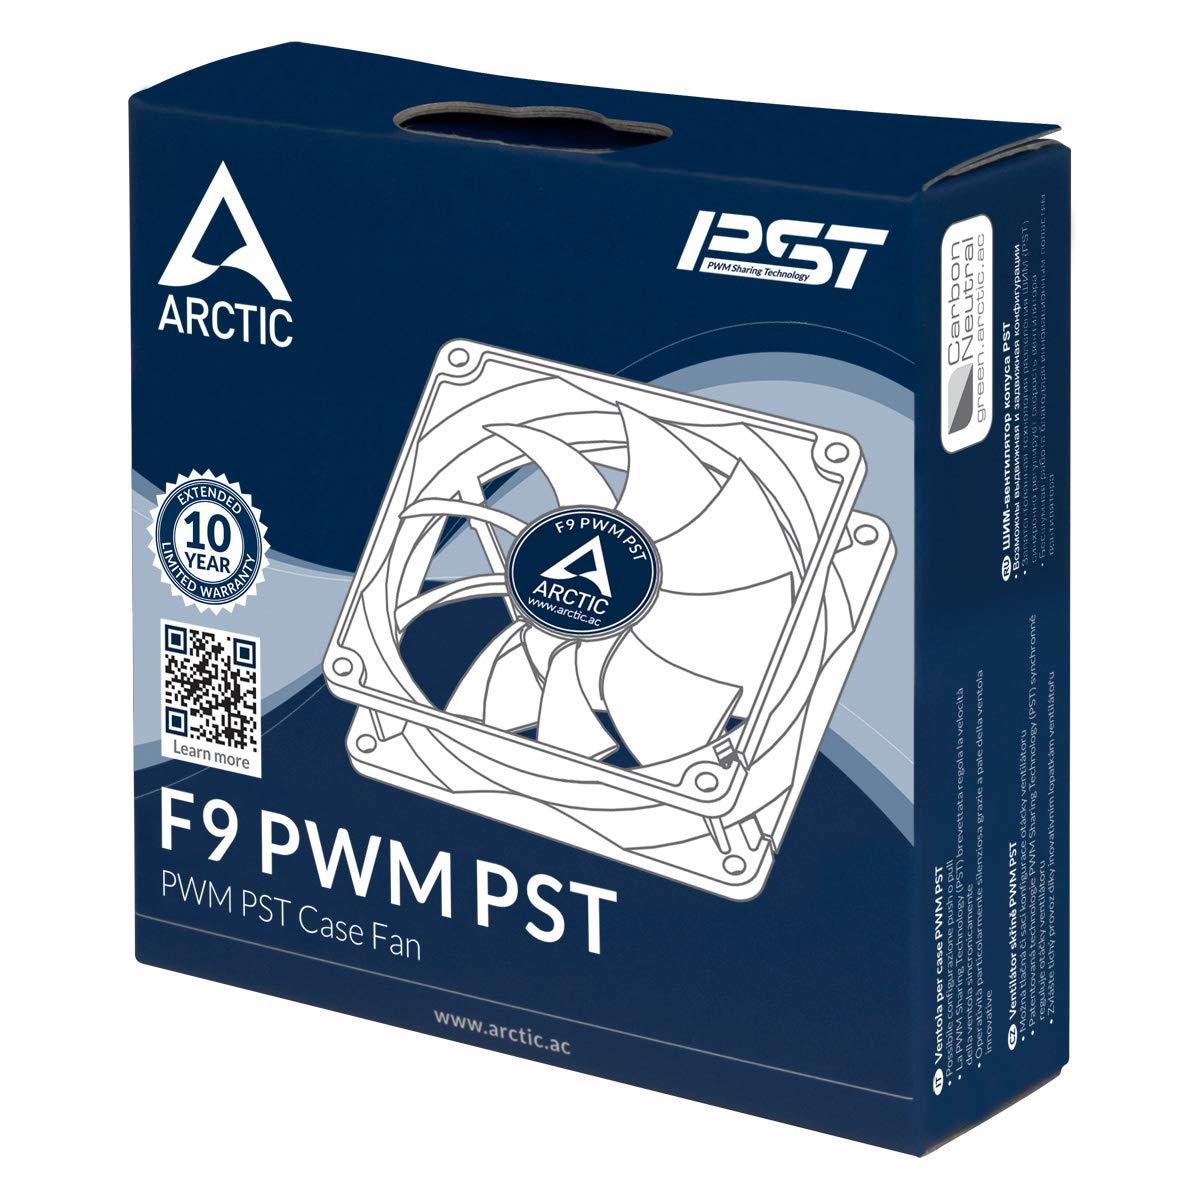 Arctic F9 PWM PST Noir Ventilateur Boitier Absorbeur de Vibrations Brevet/é Fonction de Partage PTS Refroisisseur Ultra Silencieux 92 mm